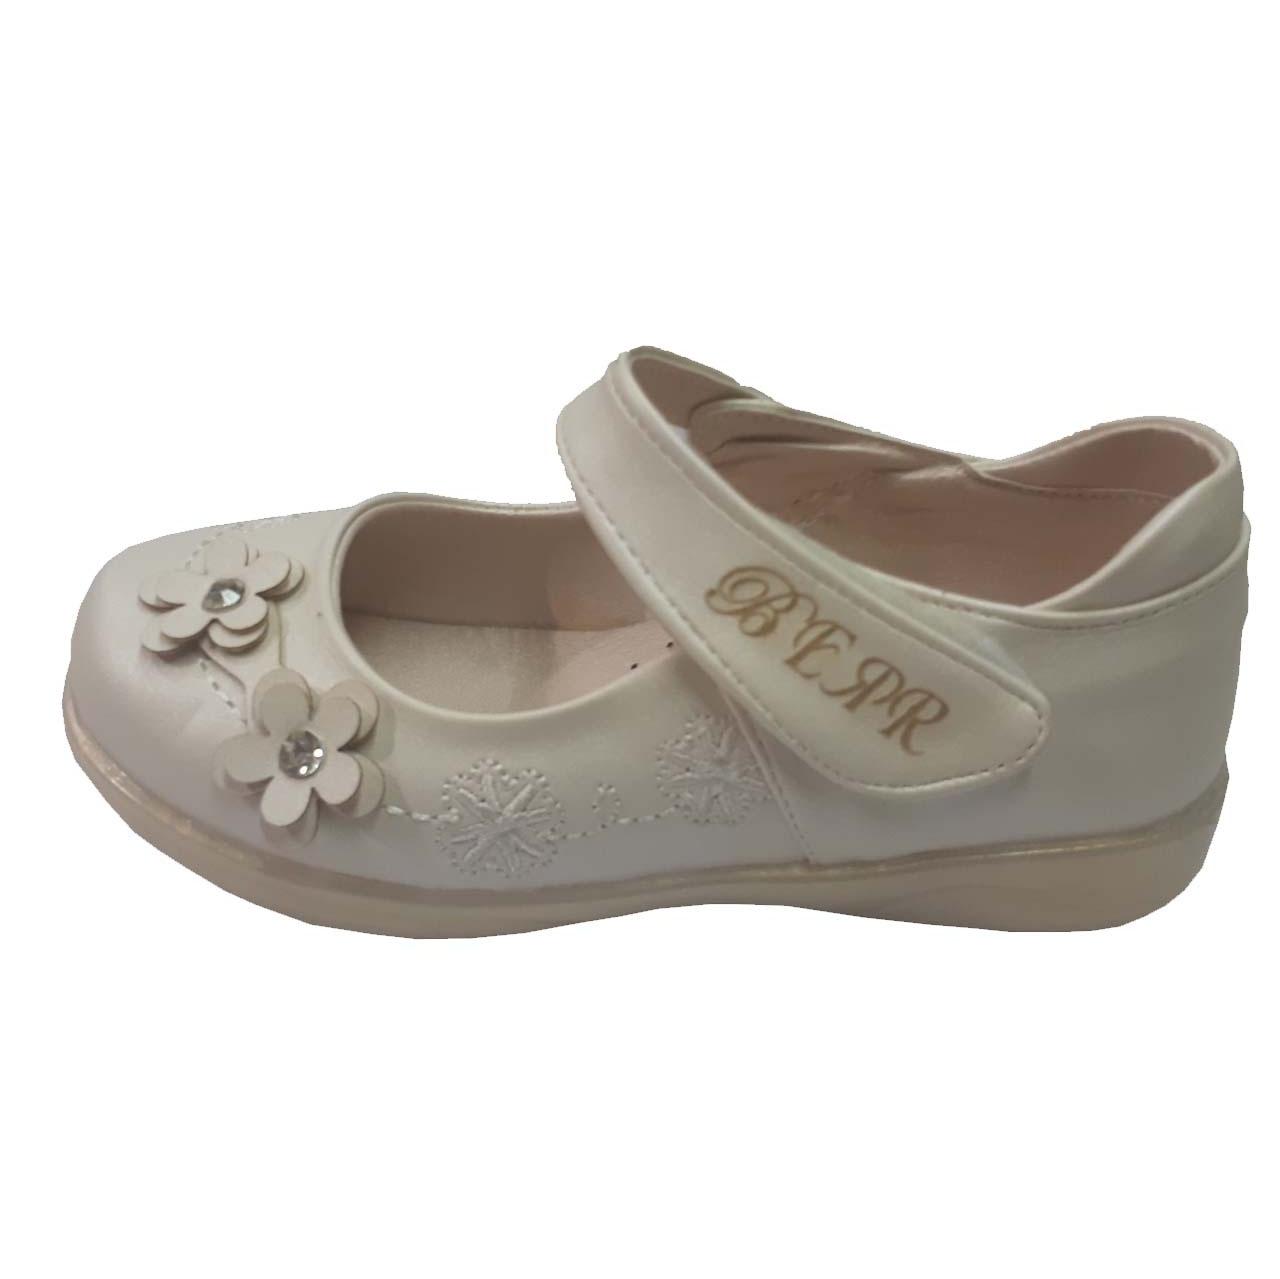 کفش بچگانه مدل دارا رنگ کرم